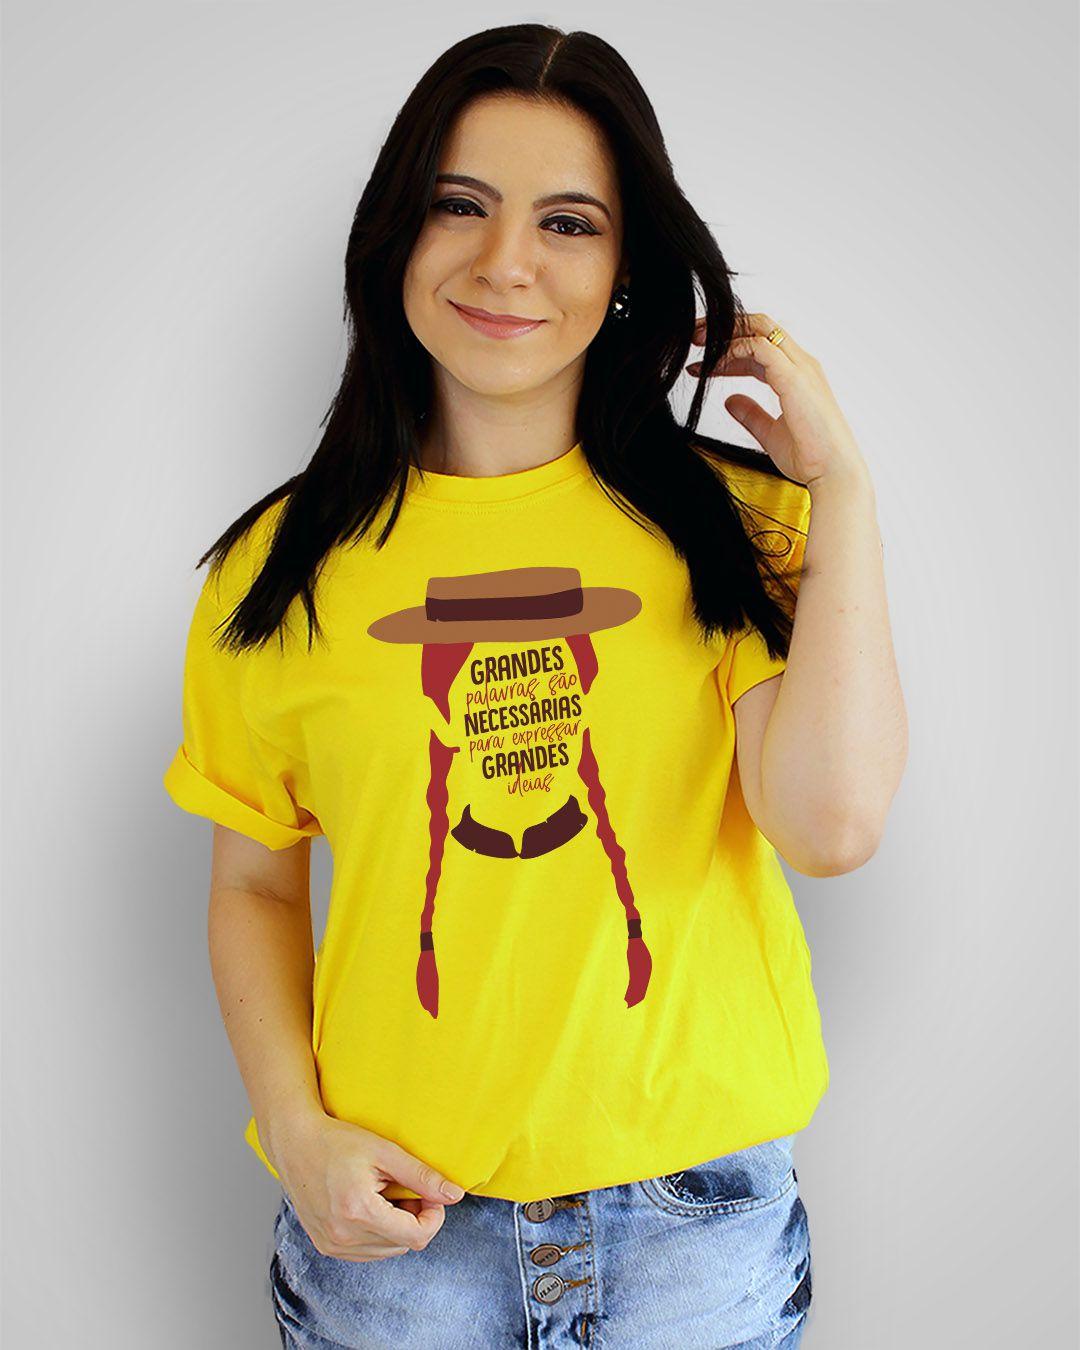 Camiseta Grandes palavras são necessárias para expressar grandes ideias - Anne with an E